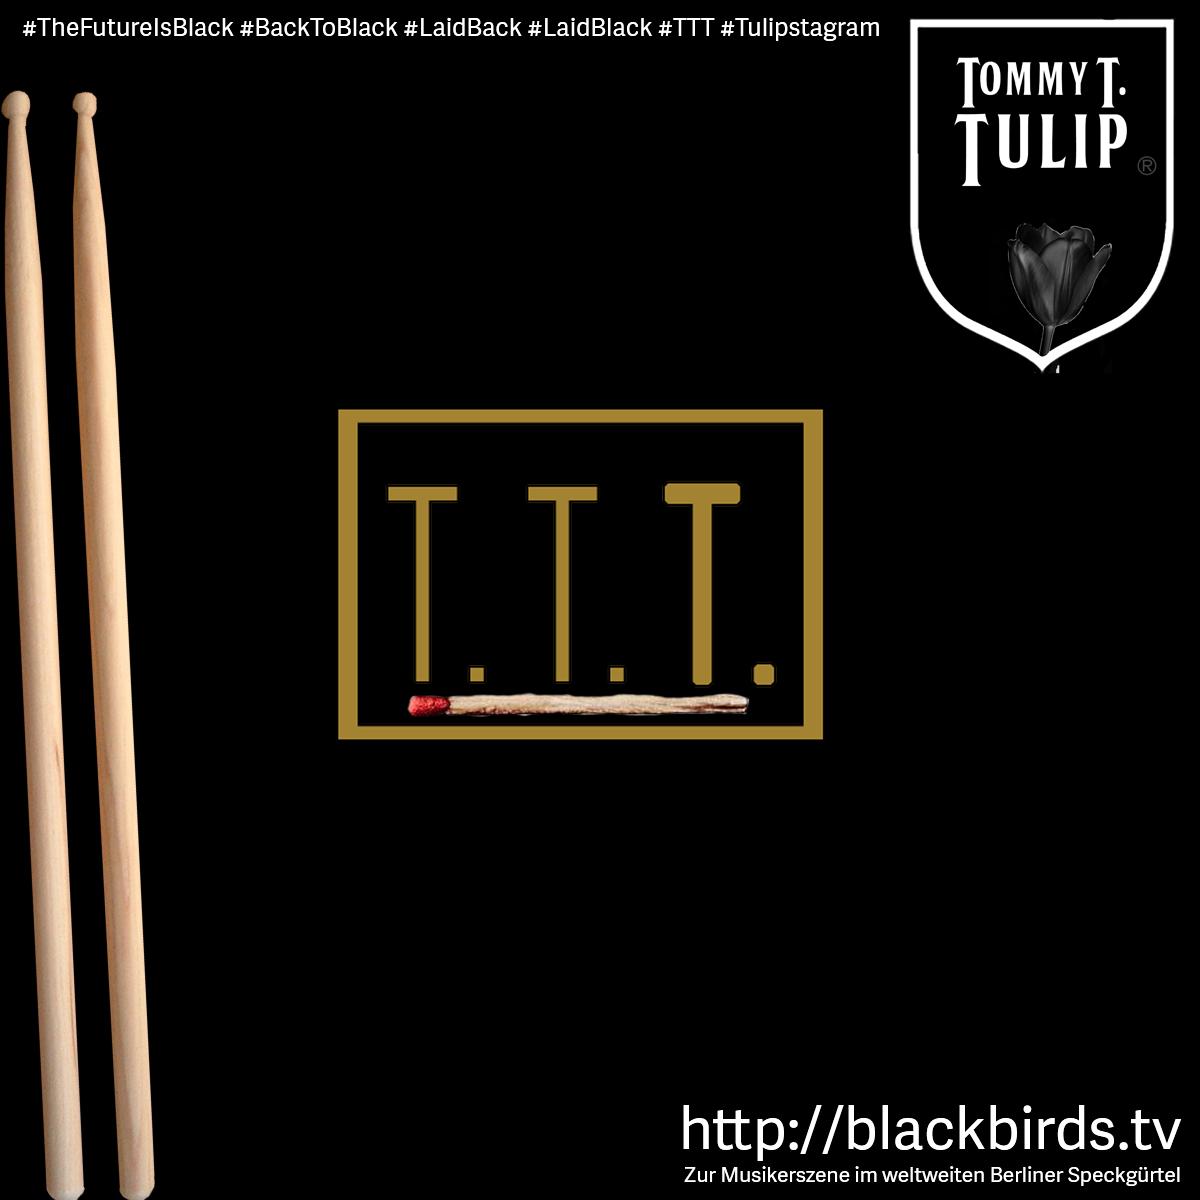 The Future is Black - https://blackbirds.tv - Zur Musikszene im weltweiten Berliner Speckgürtel #TheFutureIsBlack #BackToBlack #LaidBack #LaidBlack #TTT #Tulipstagram